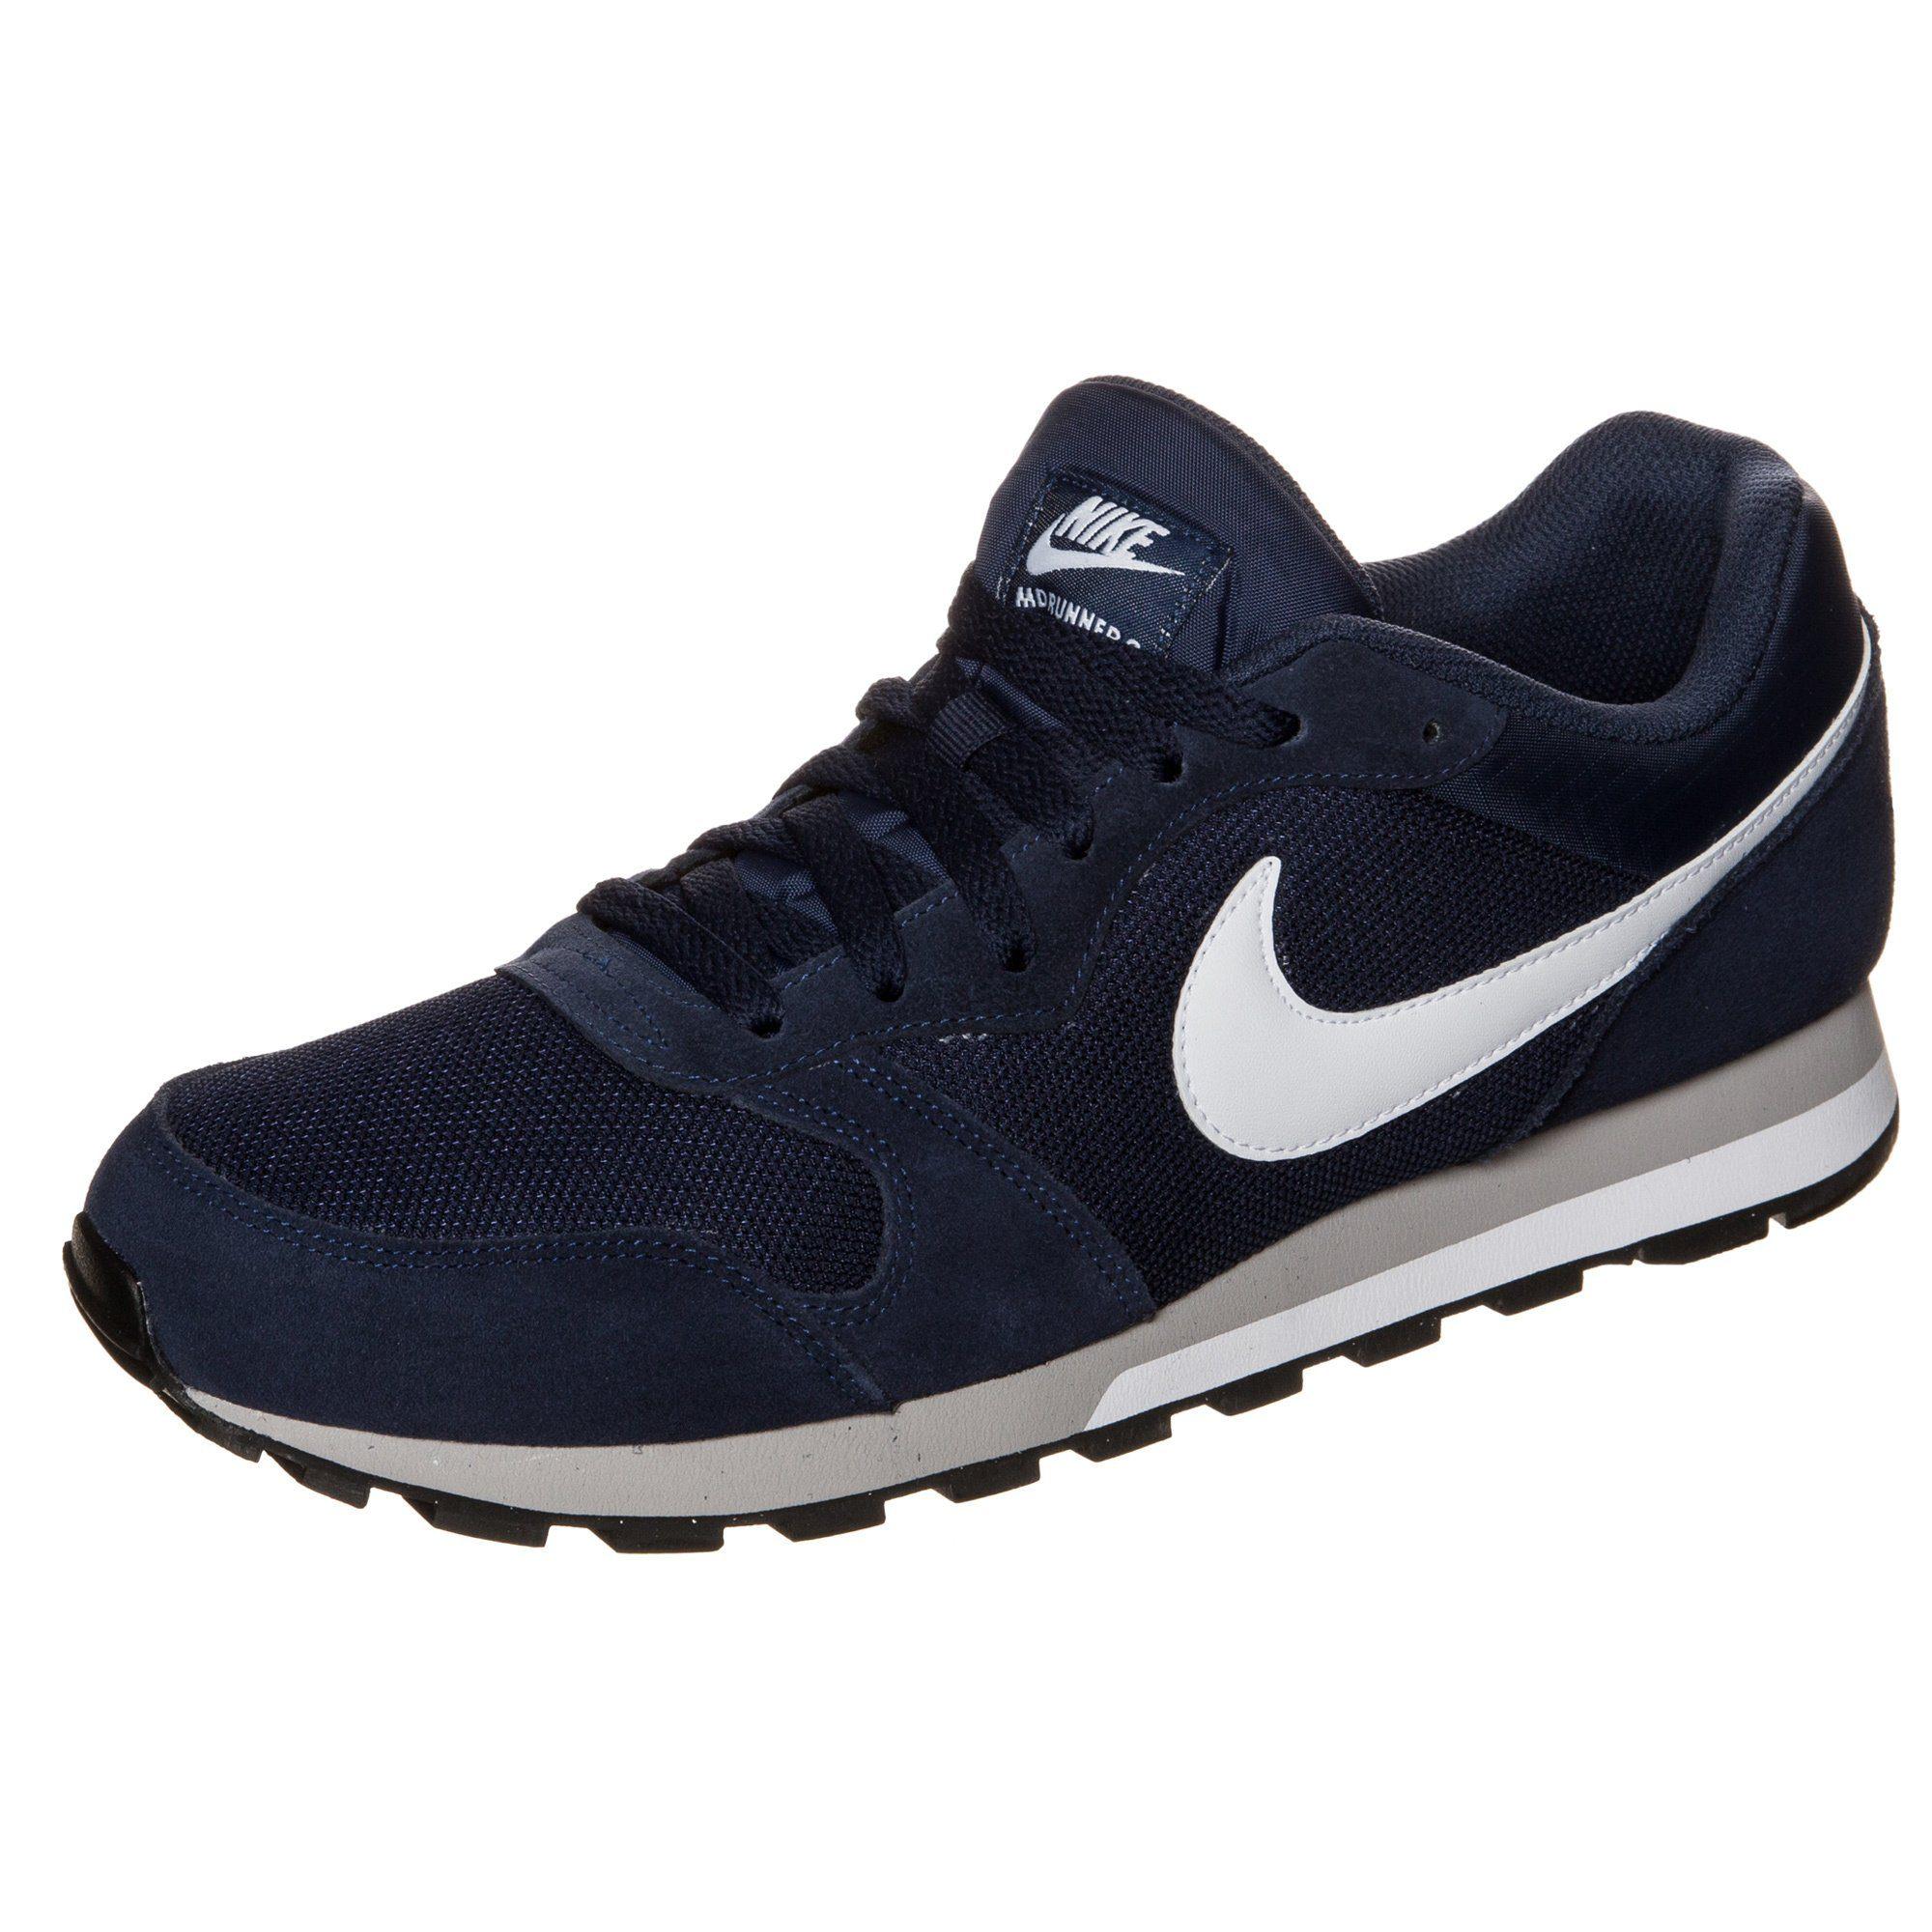 Nike Sportswear MD Runner 2 Sneaker Herren Preisvergleich